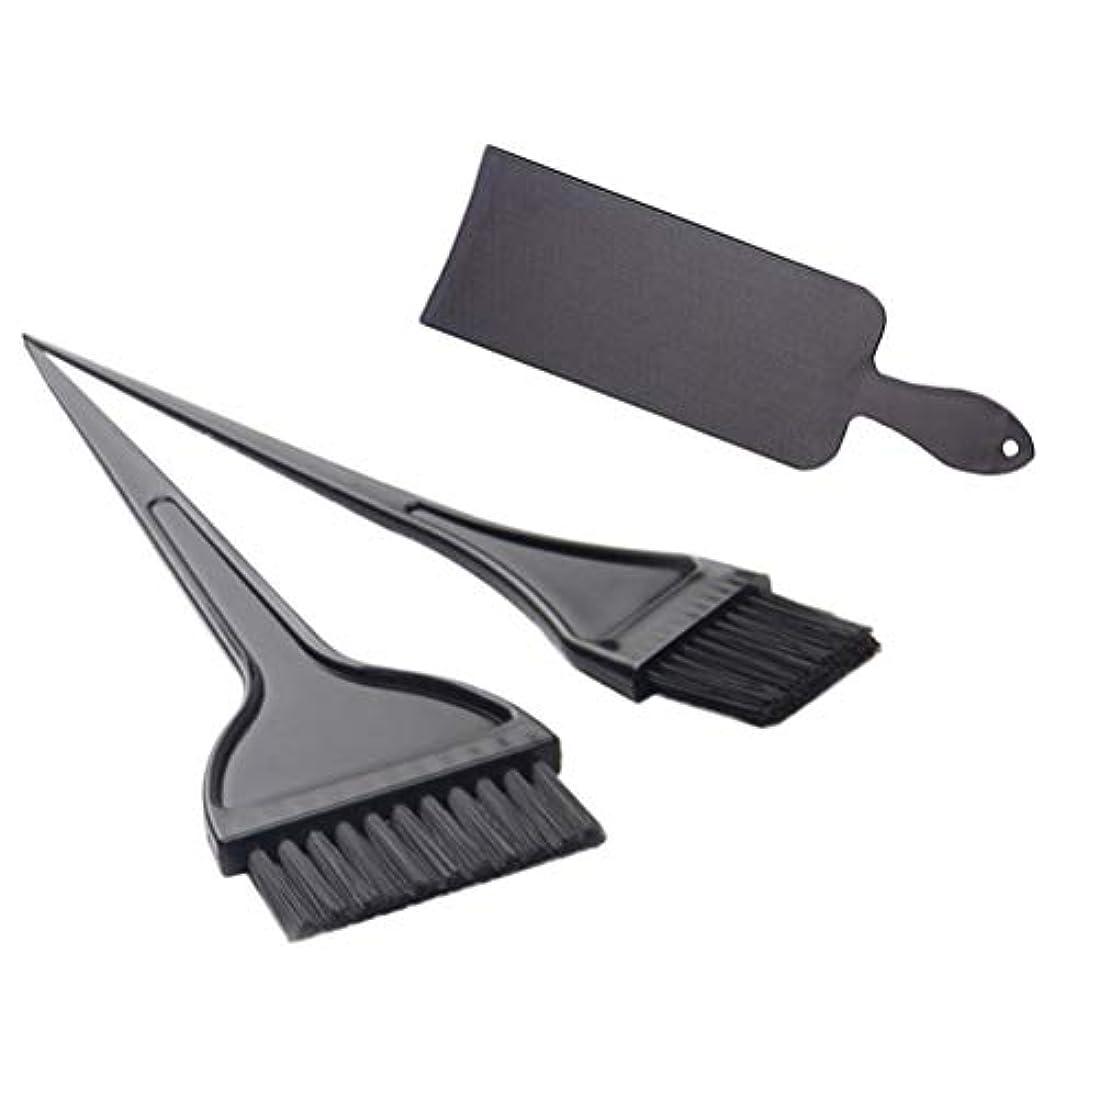 アクセス単位百万Healifty 3ピースヘアカラーキットサロンヘア染色キットカラーブラシとプレートアプリケーターツールキット用サロン理髪師ヘアカラー漂白